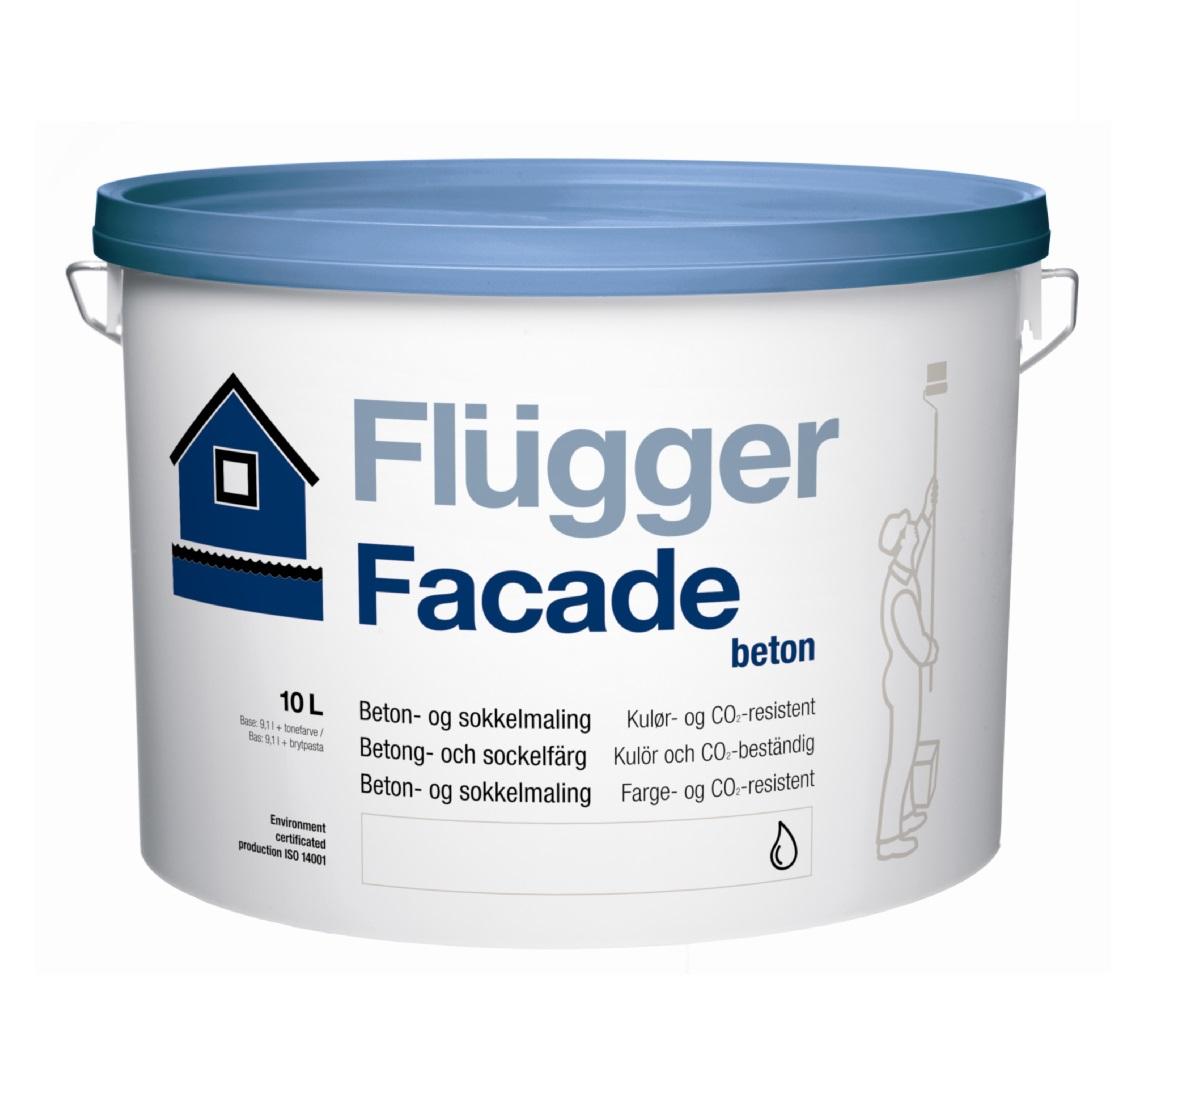 Flügger Facade Beton